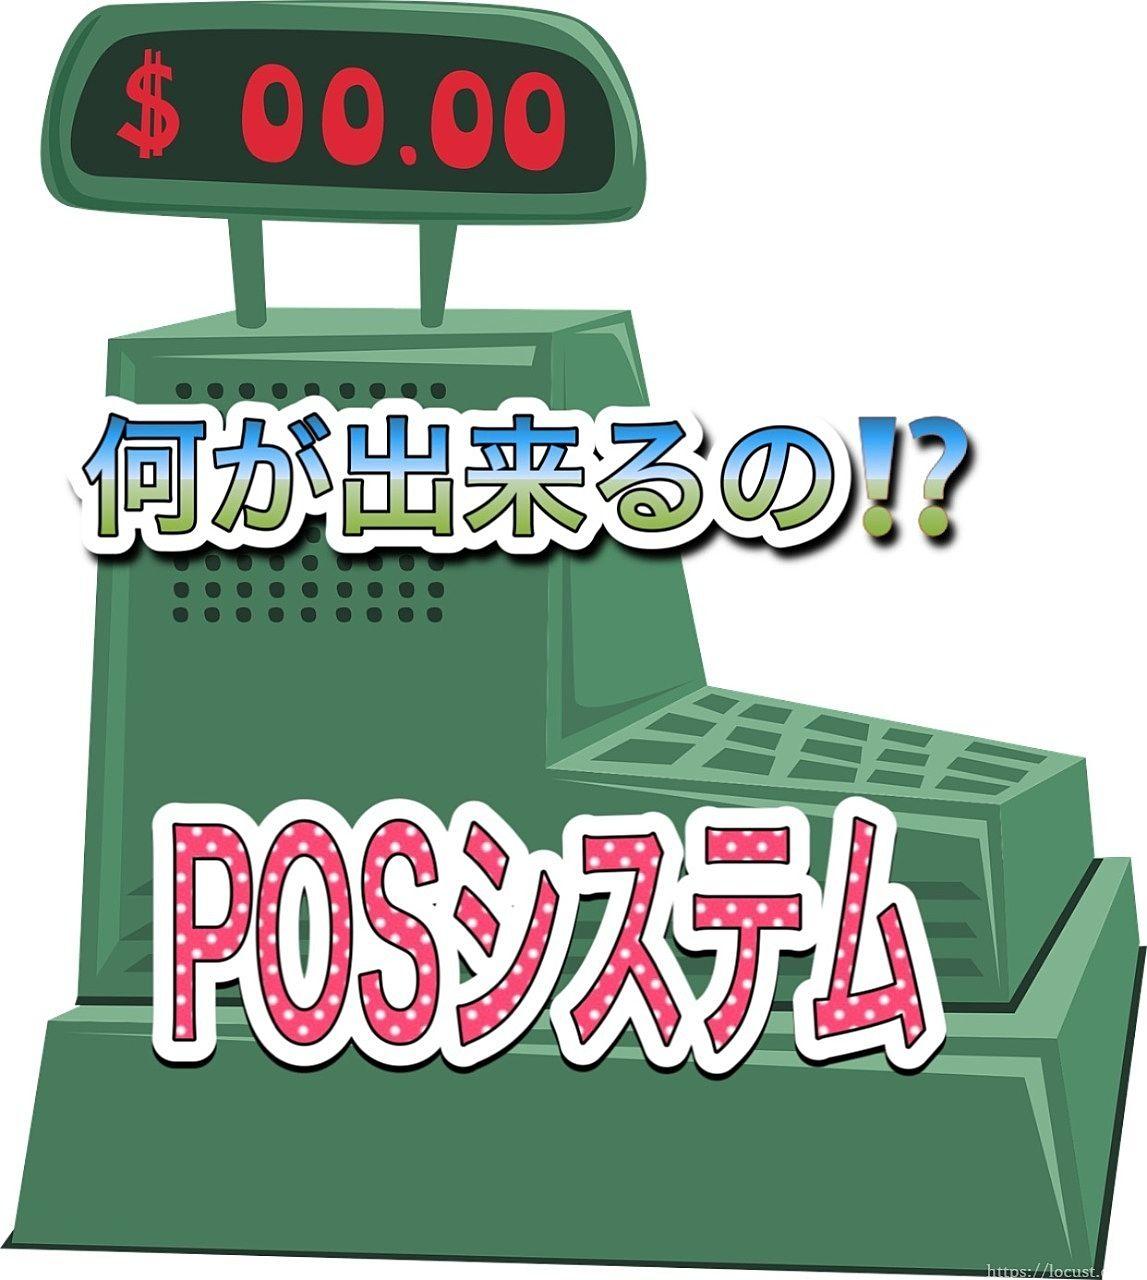 POSシステム!?POSレジとは!?